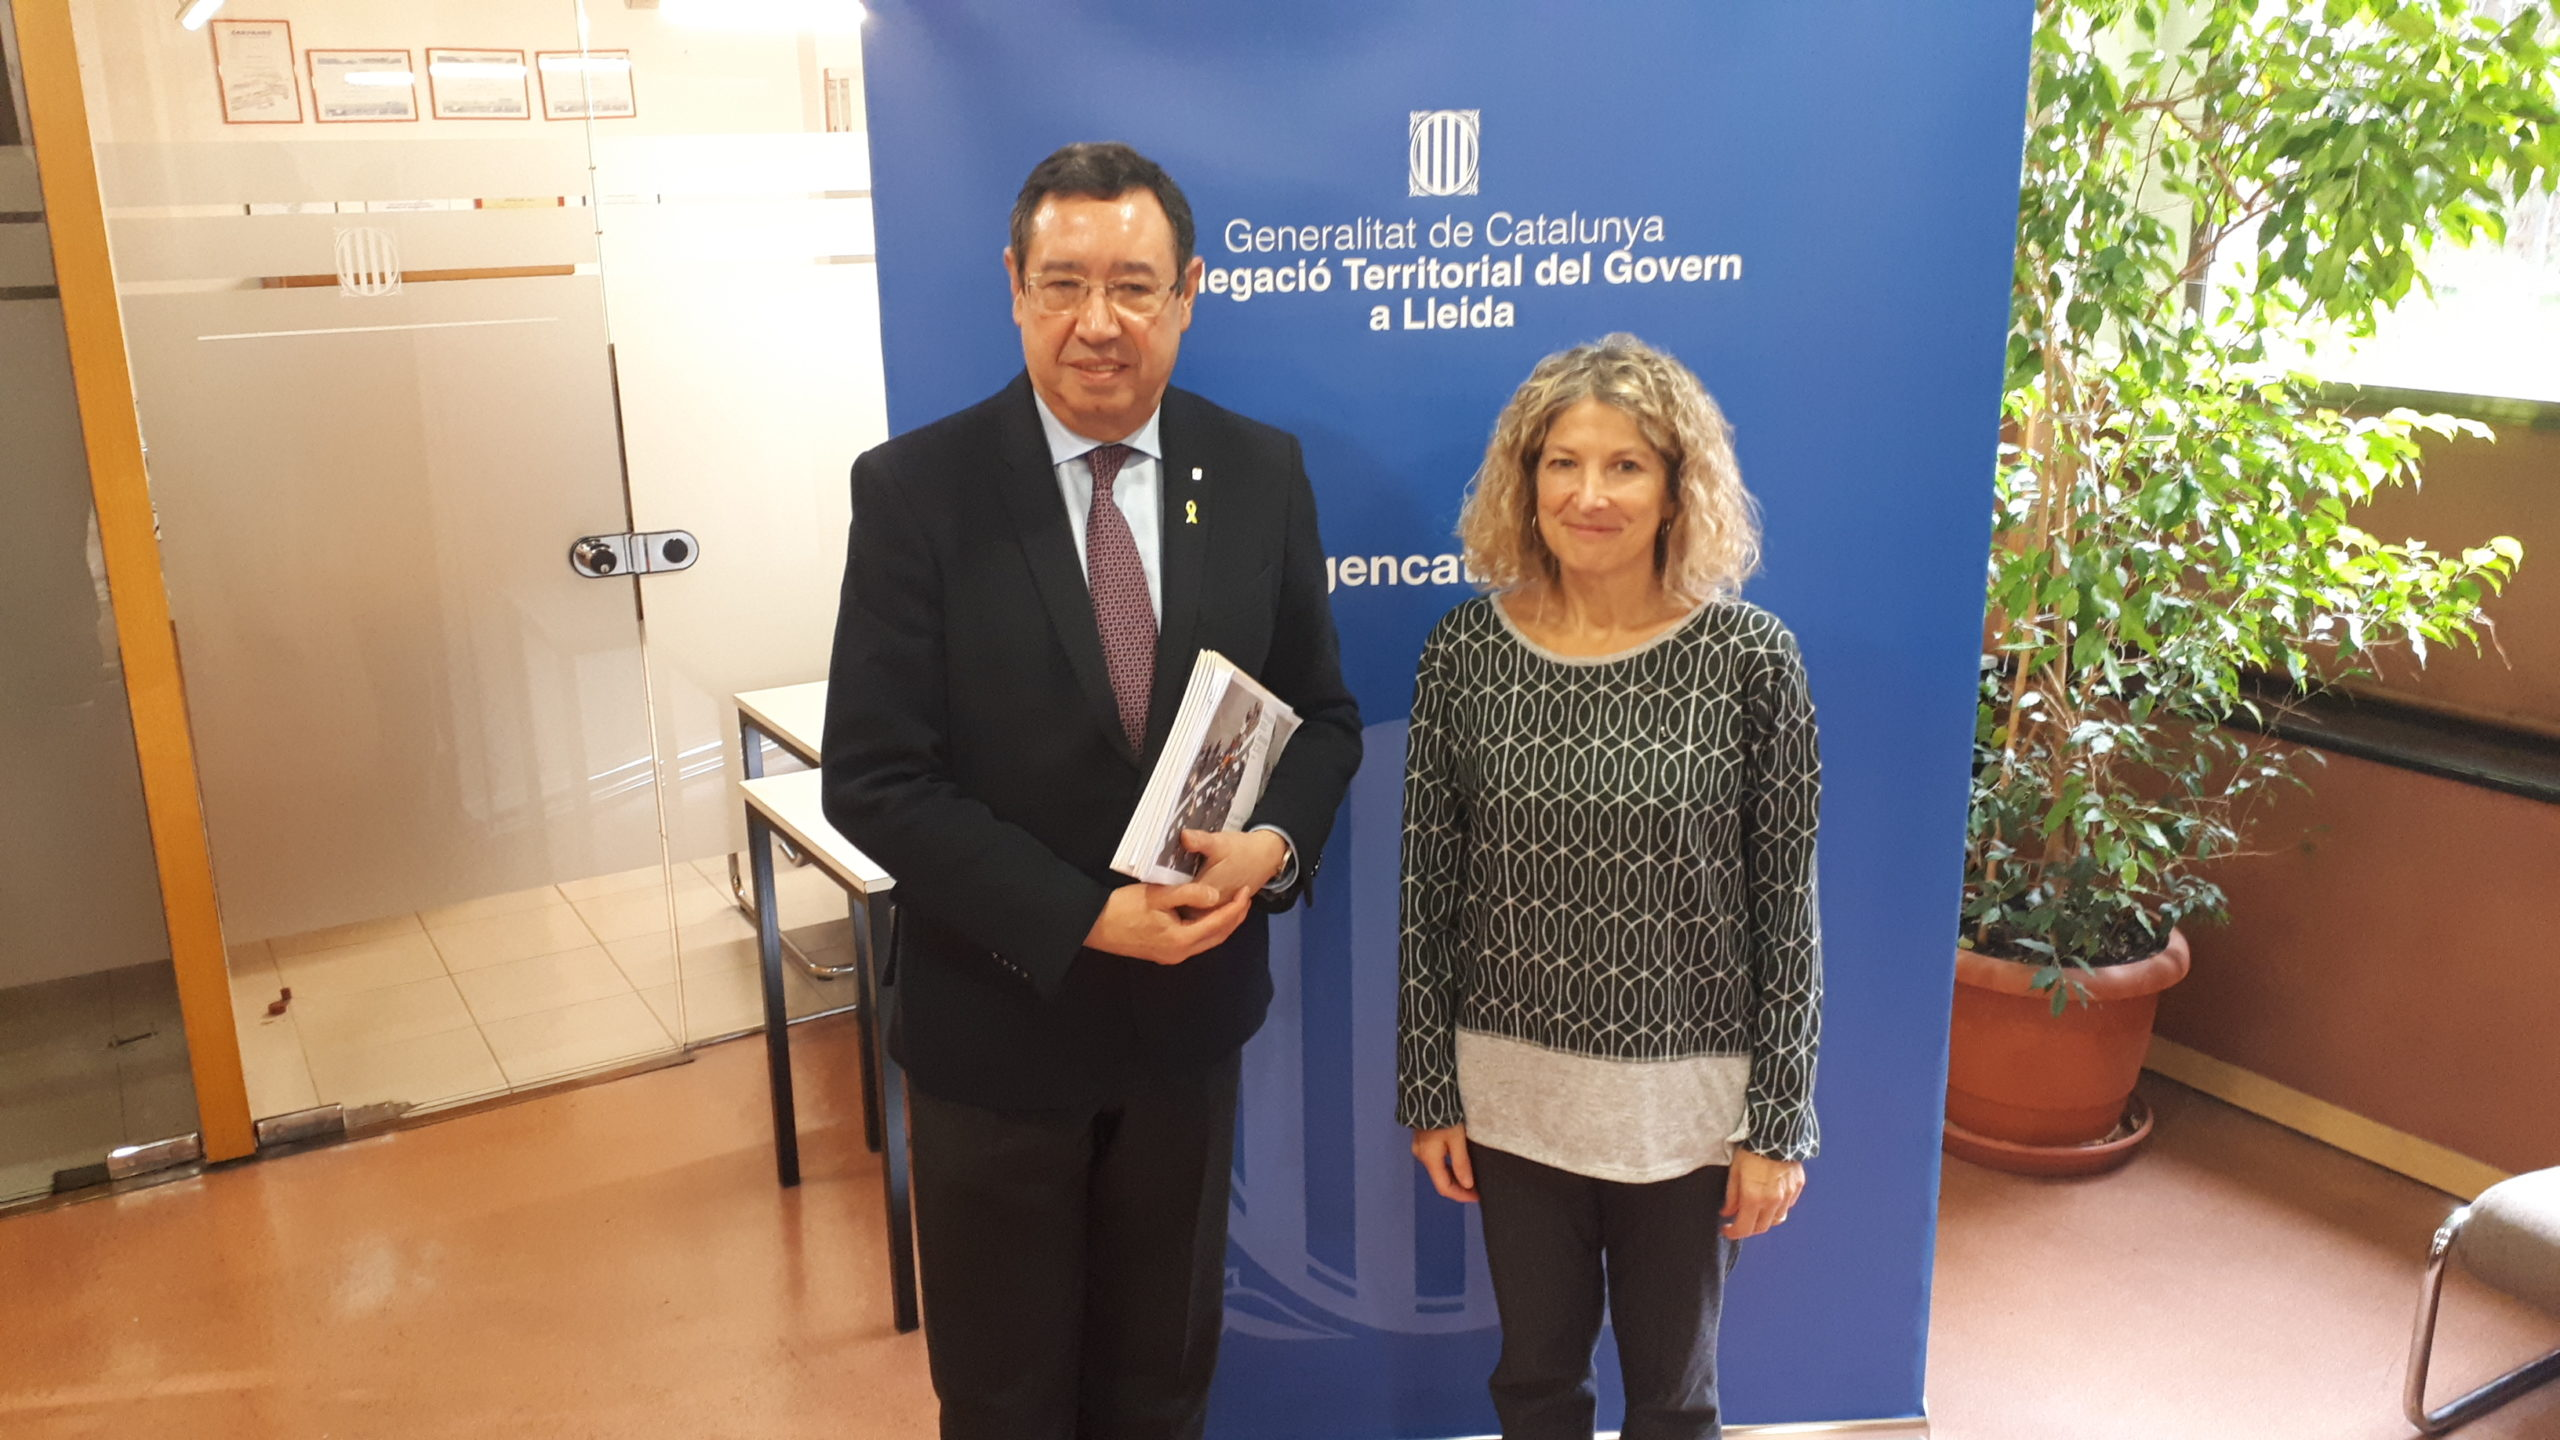 La inversió a Lleida prevista en els Pressupostos de la Generalitat per al 2020 creix un 55%